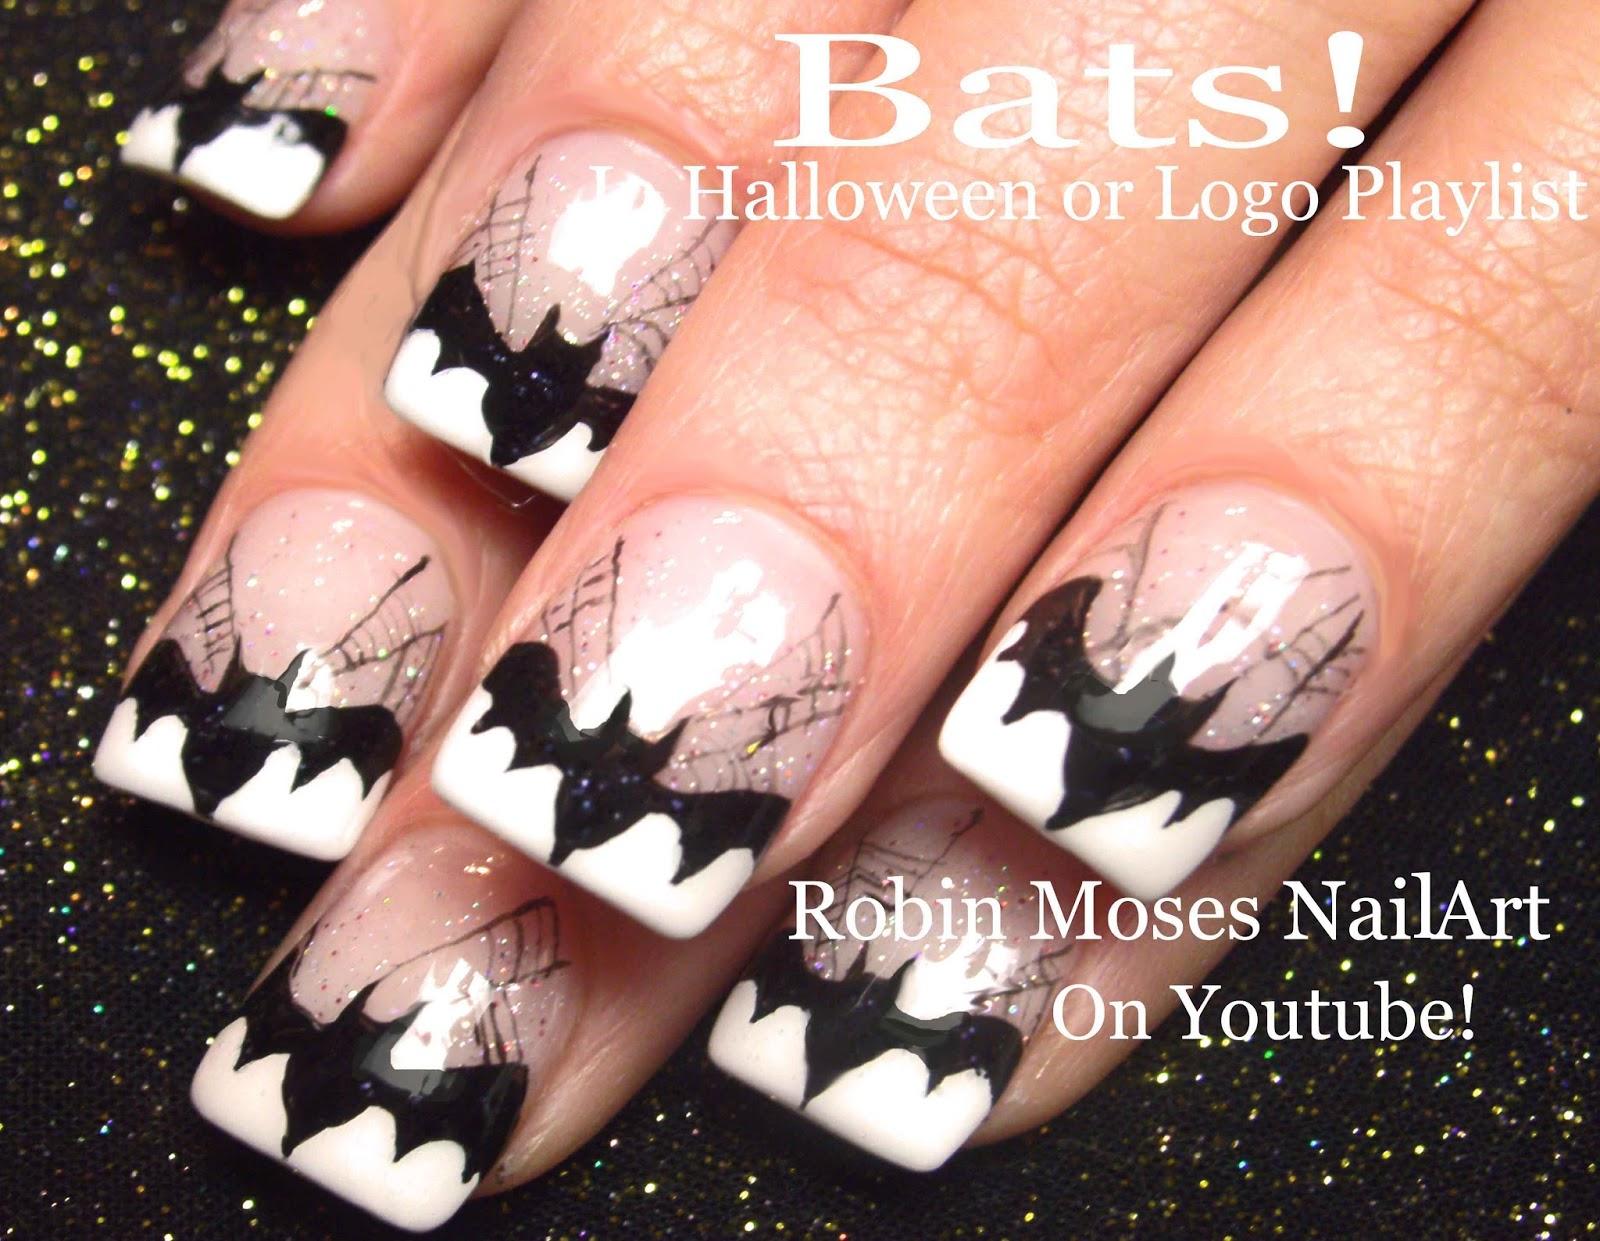 Robin moses nail art halloween nails halloween nail art diy halloween nails halloween nail art diy halloween nails prinsesfo Choice Image